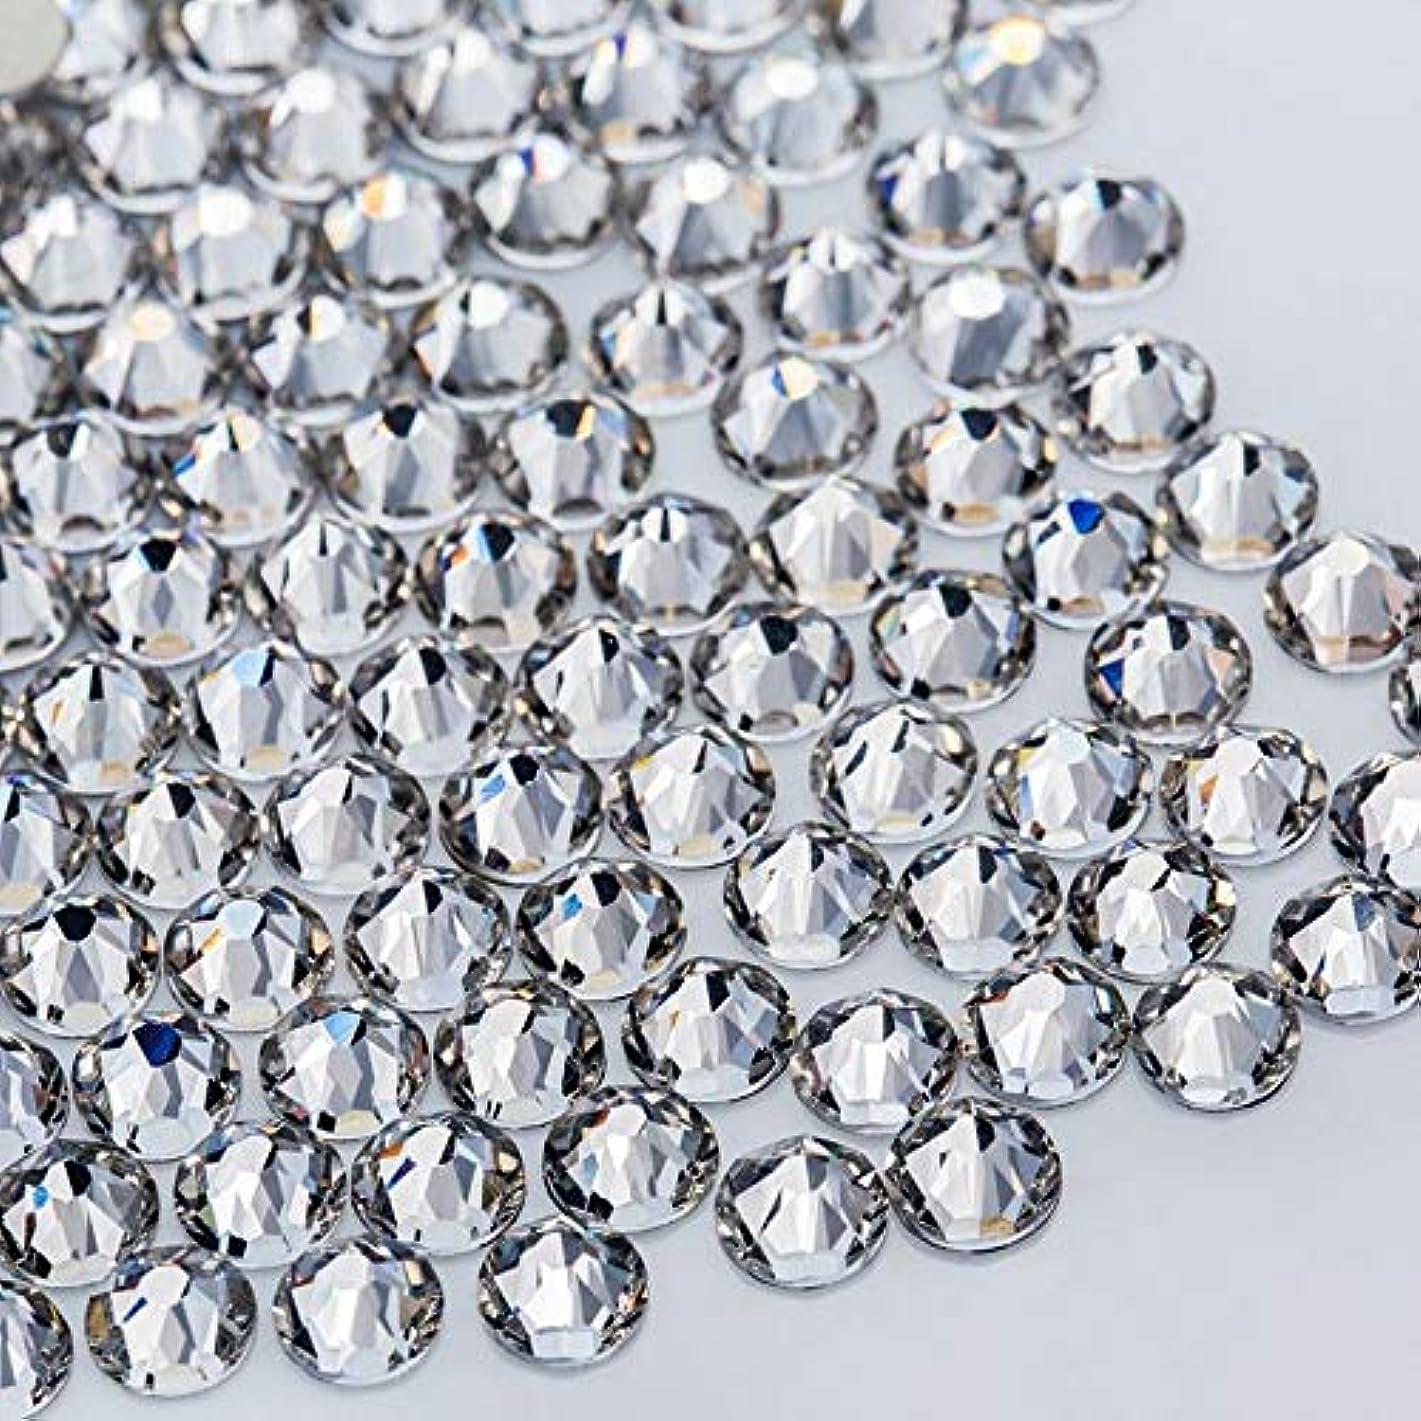 伝染性の狂乱カポックWTX ガラス製 ラインストーン 高品質 1440粒 SS4~SS30 ネイル デコ クリスタル (SS10(約2.7-2.9mm), クリスタル)